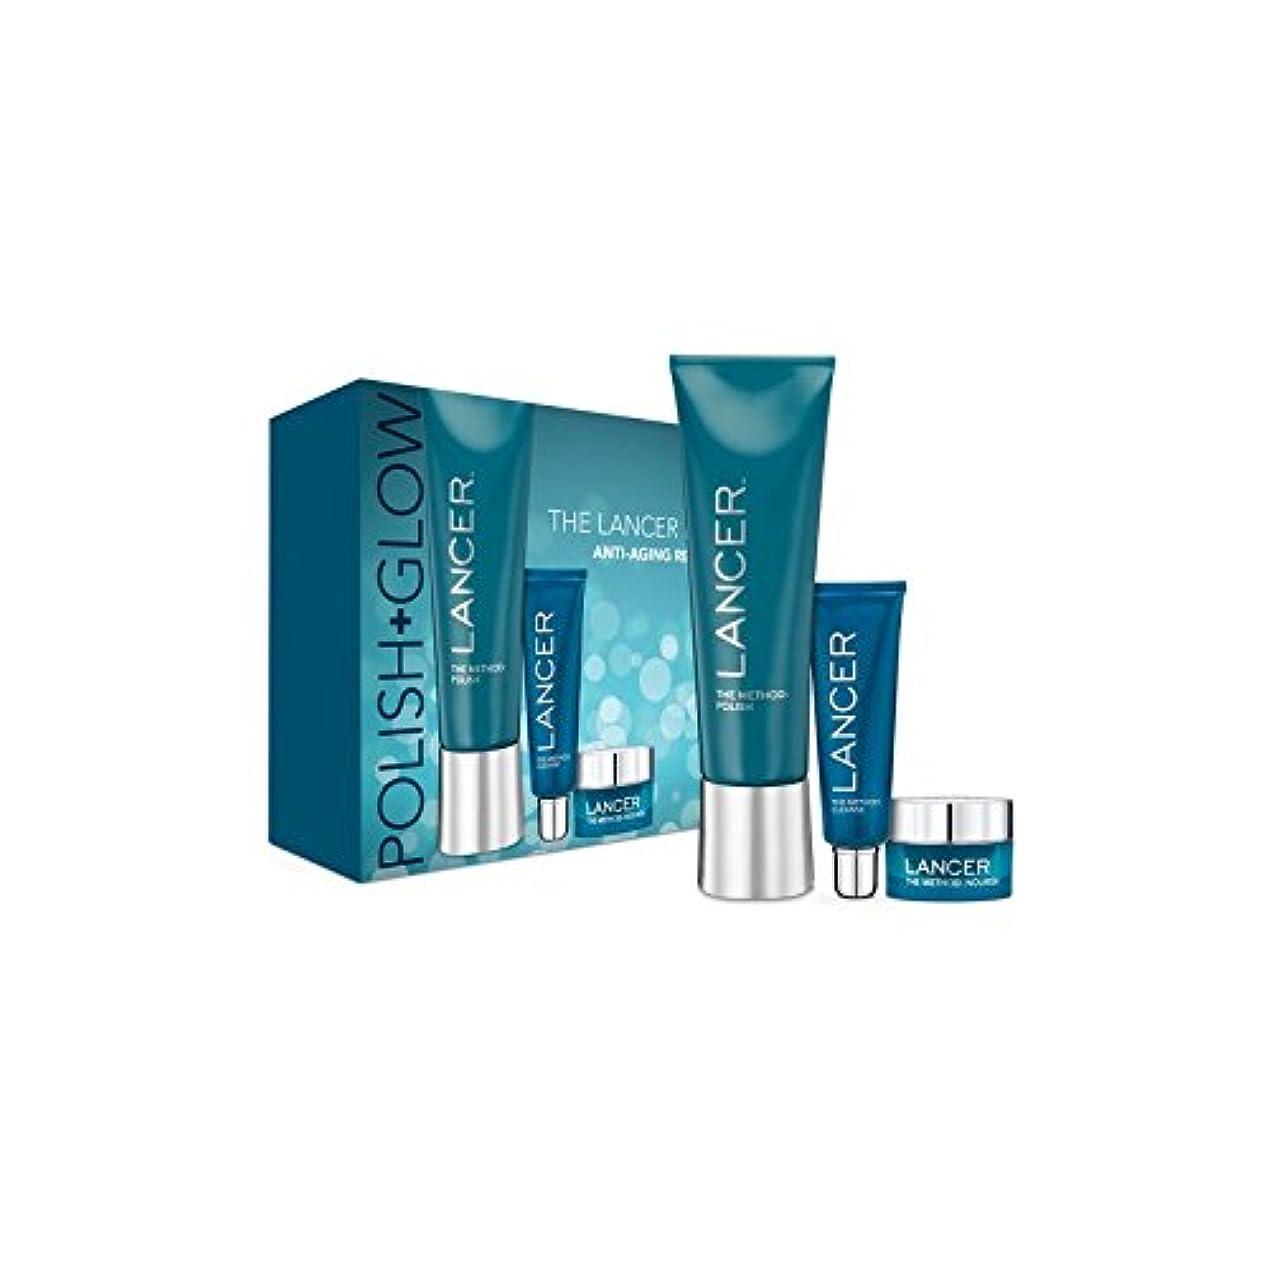 危機電極豊かにするランサーは、この方法をスキンケア:ポリッシュ&グロー x2 - Lancer Skincare The Method: Polish & Glow (Pack of 2) [並行輸入品]